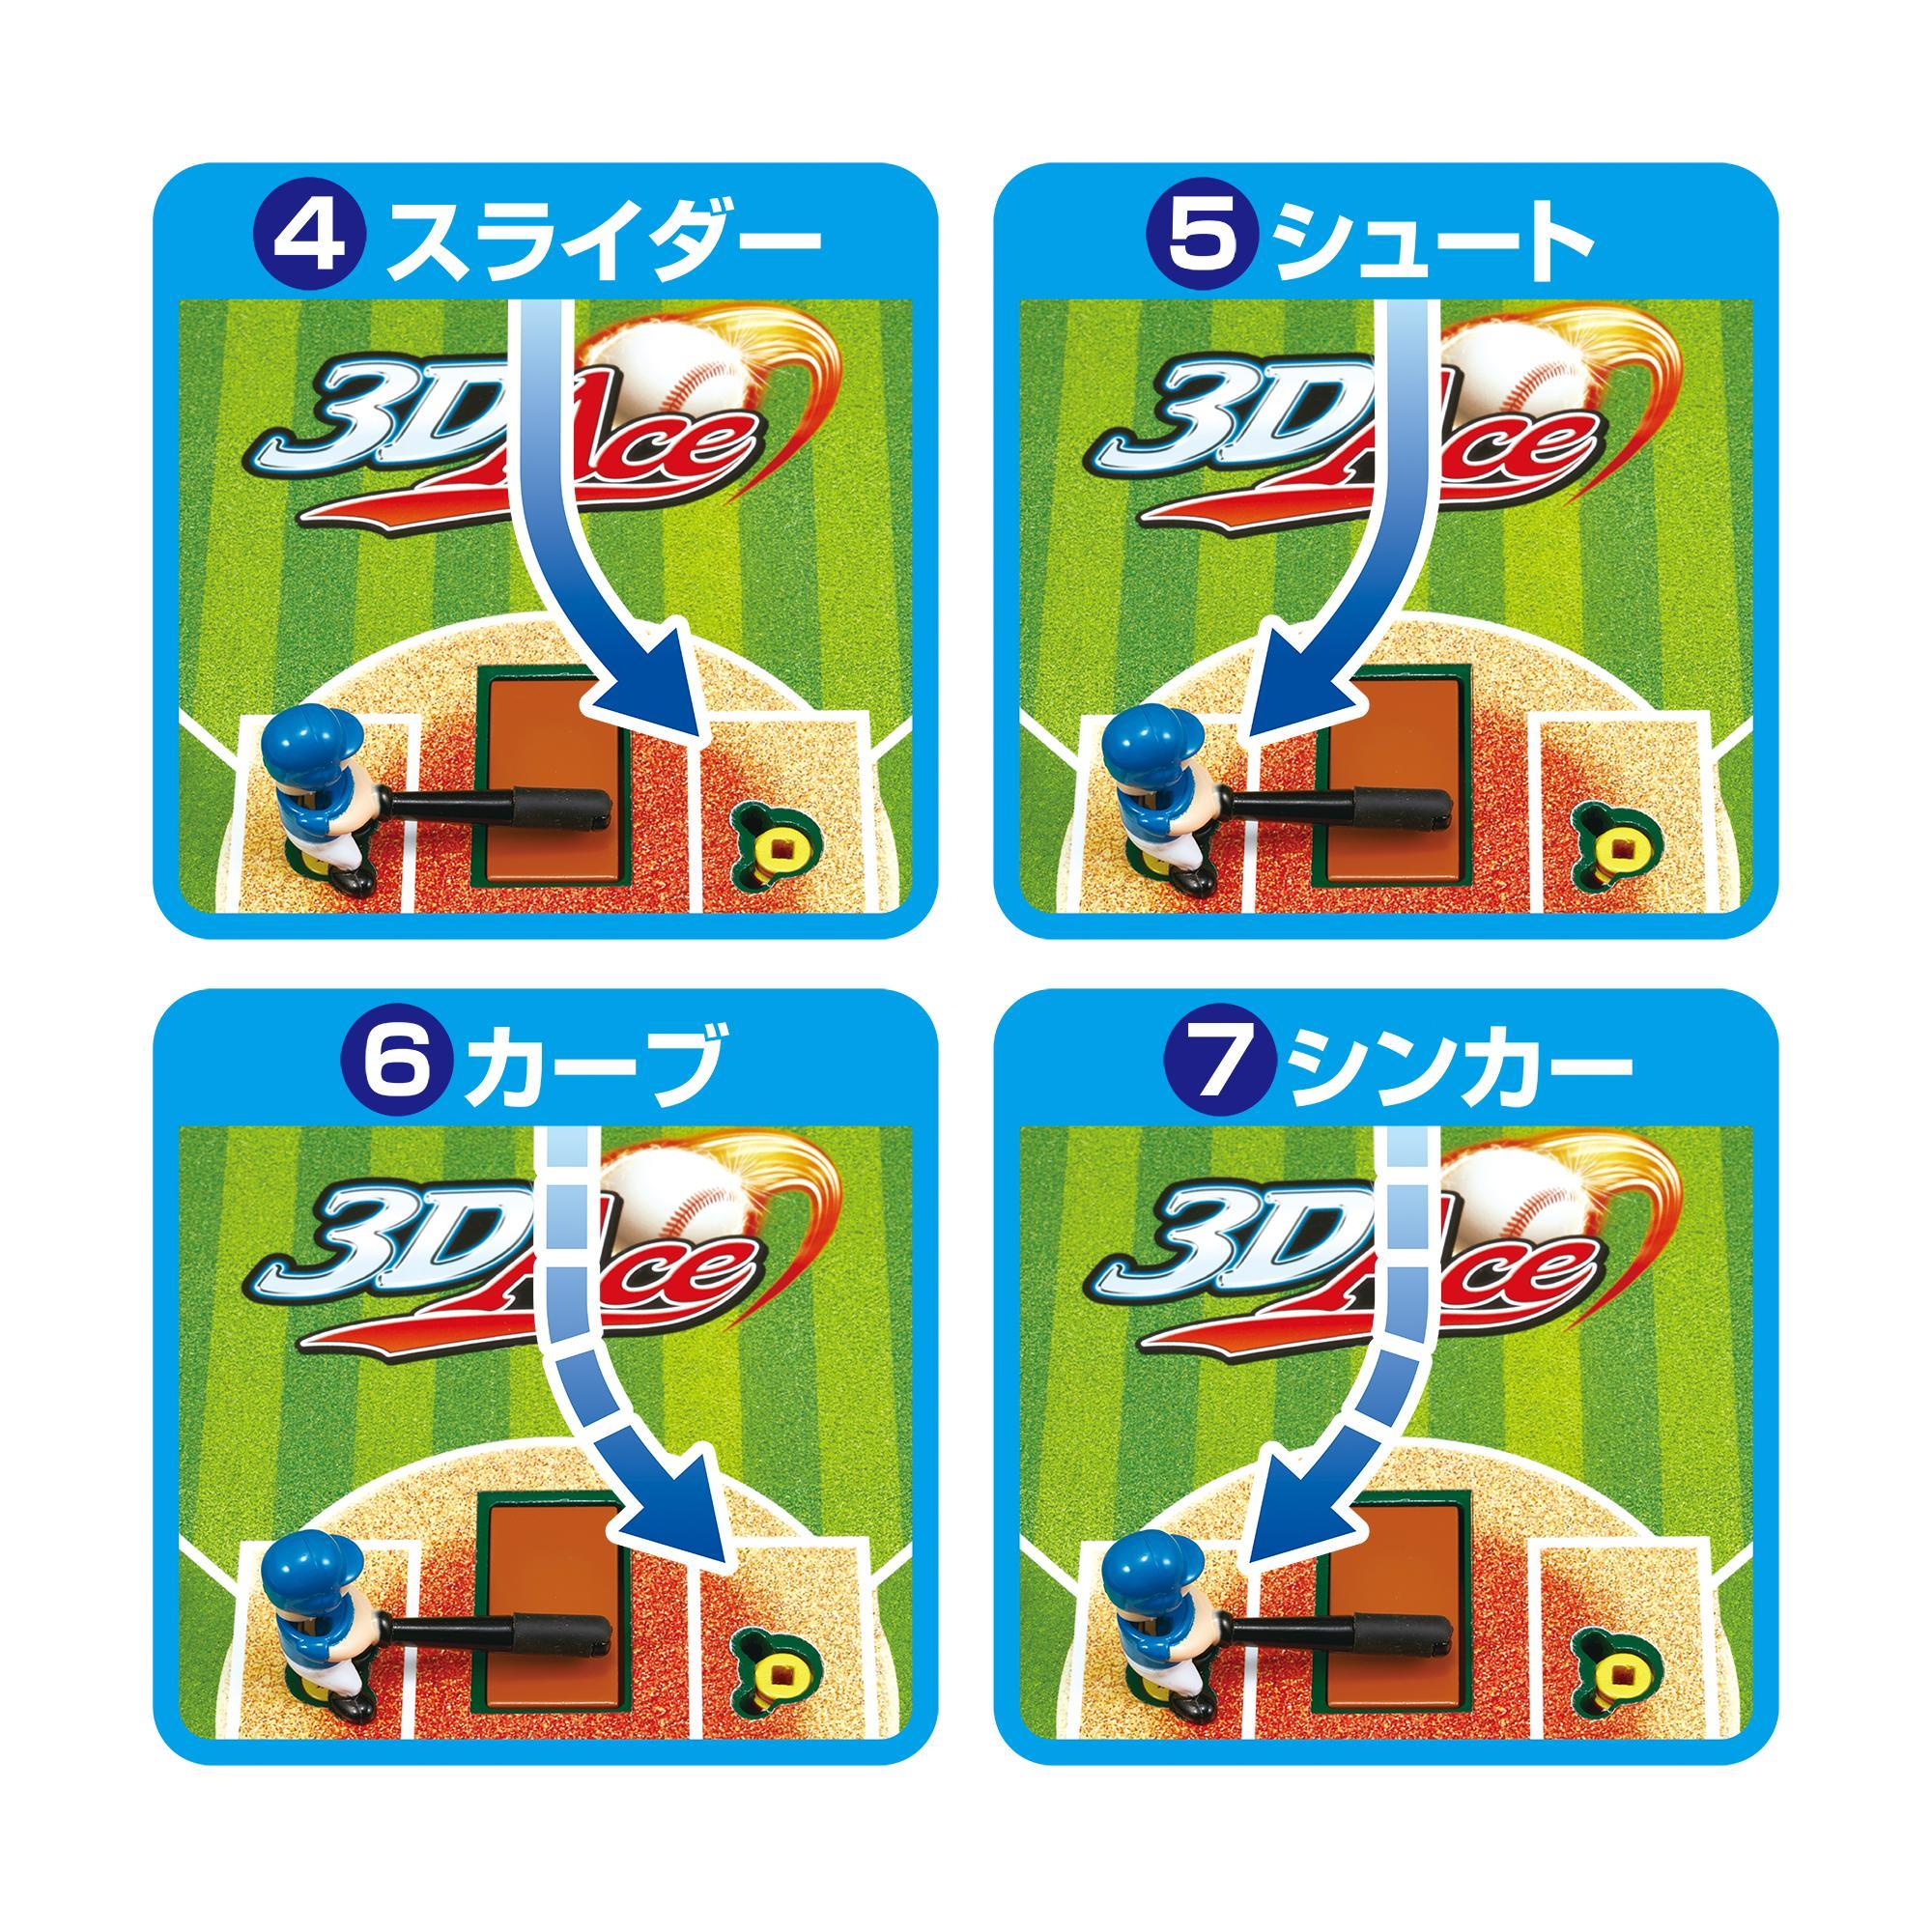 Amazon   野球盤3Dエース スタンダード 阪神タイ …